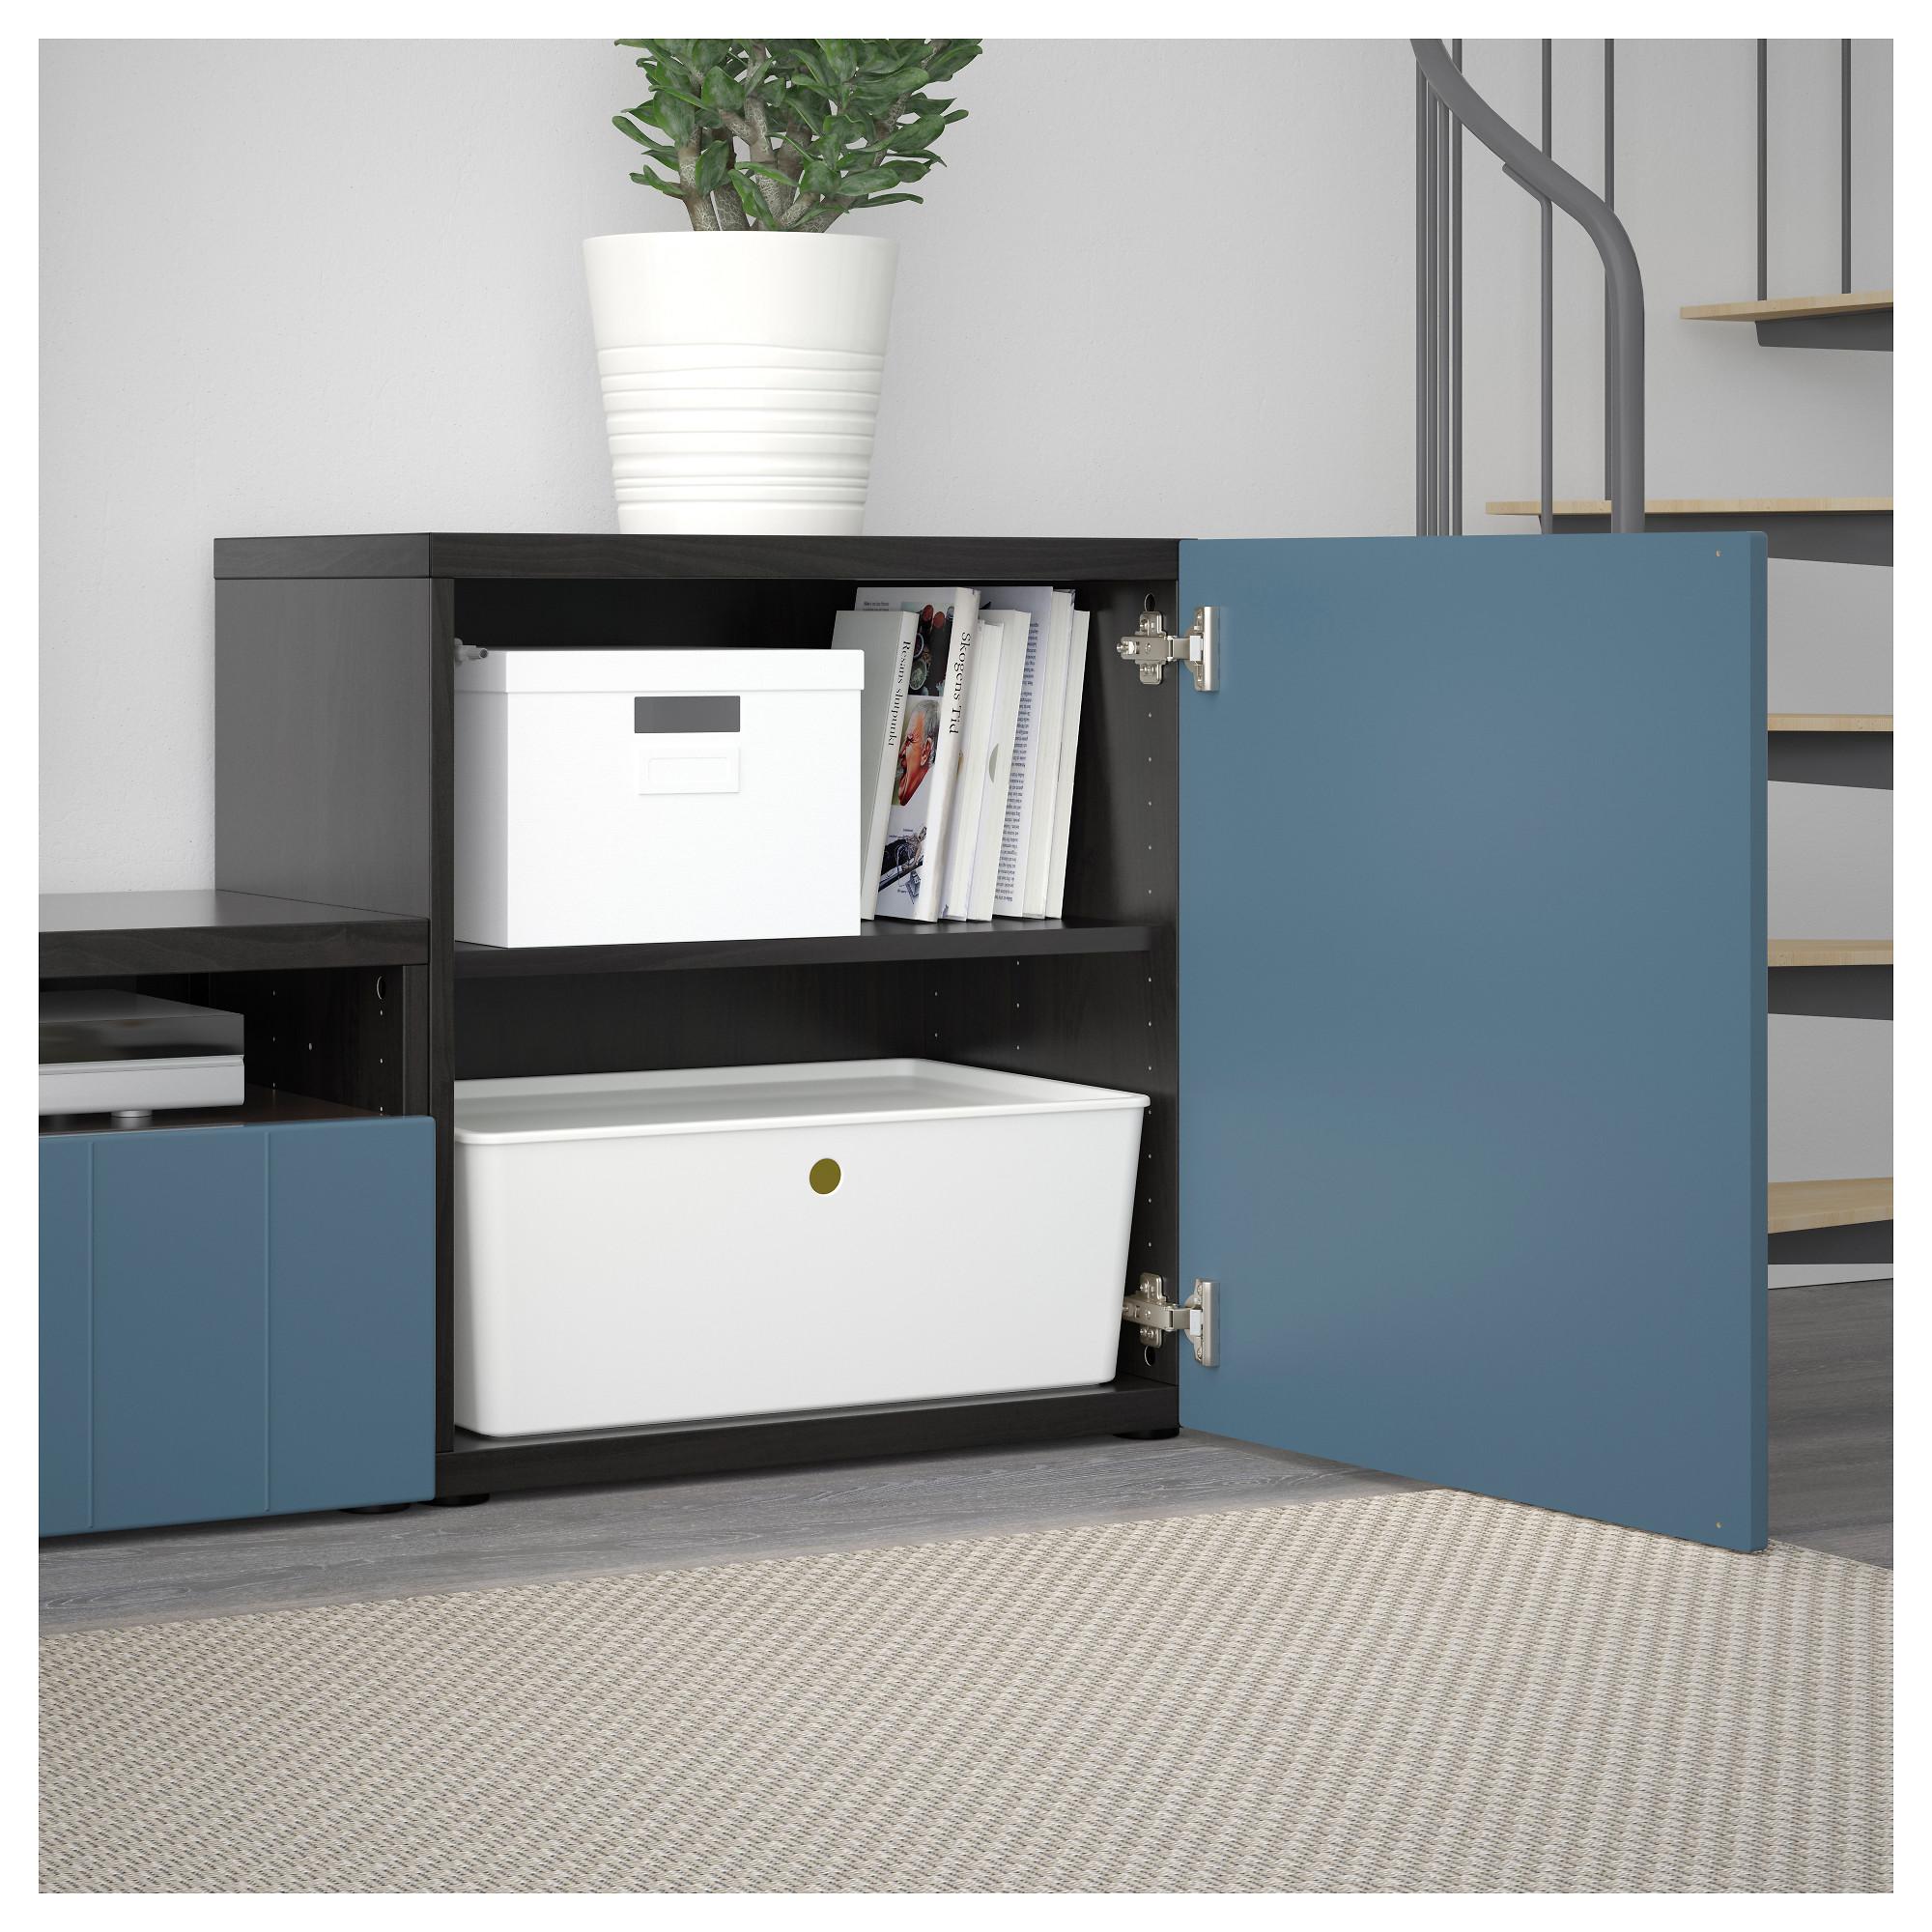 Шкаф для ТВ, комбинированный, стекляные дверцы БЕСТО темно-синий артикуль № 092.761.41 в наличии. Интернет сайт IKEA Республика Беларусь. Недорогая доставка и соборка.